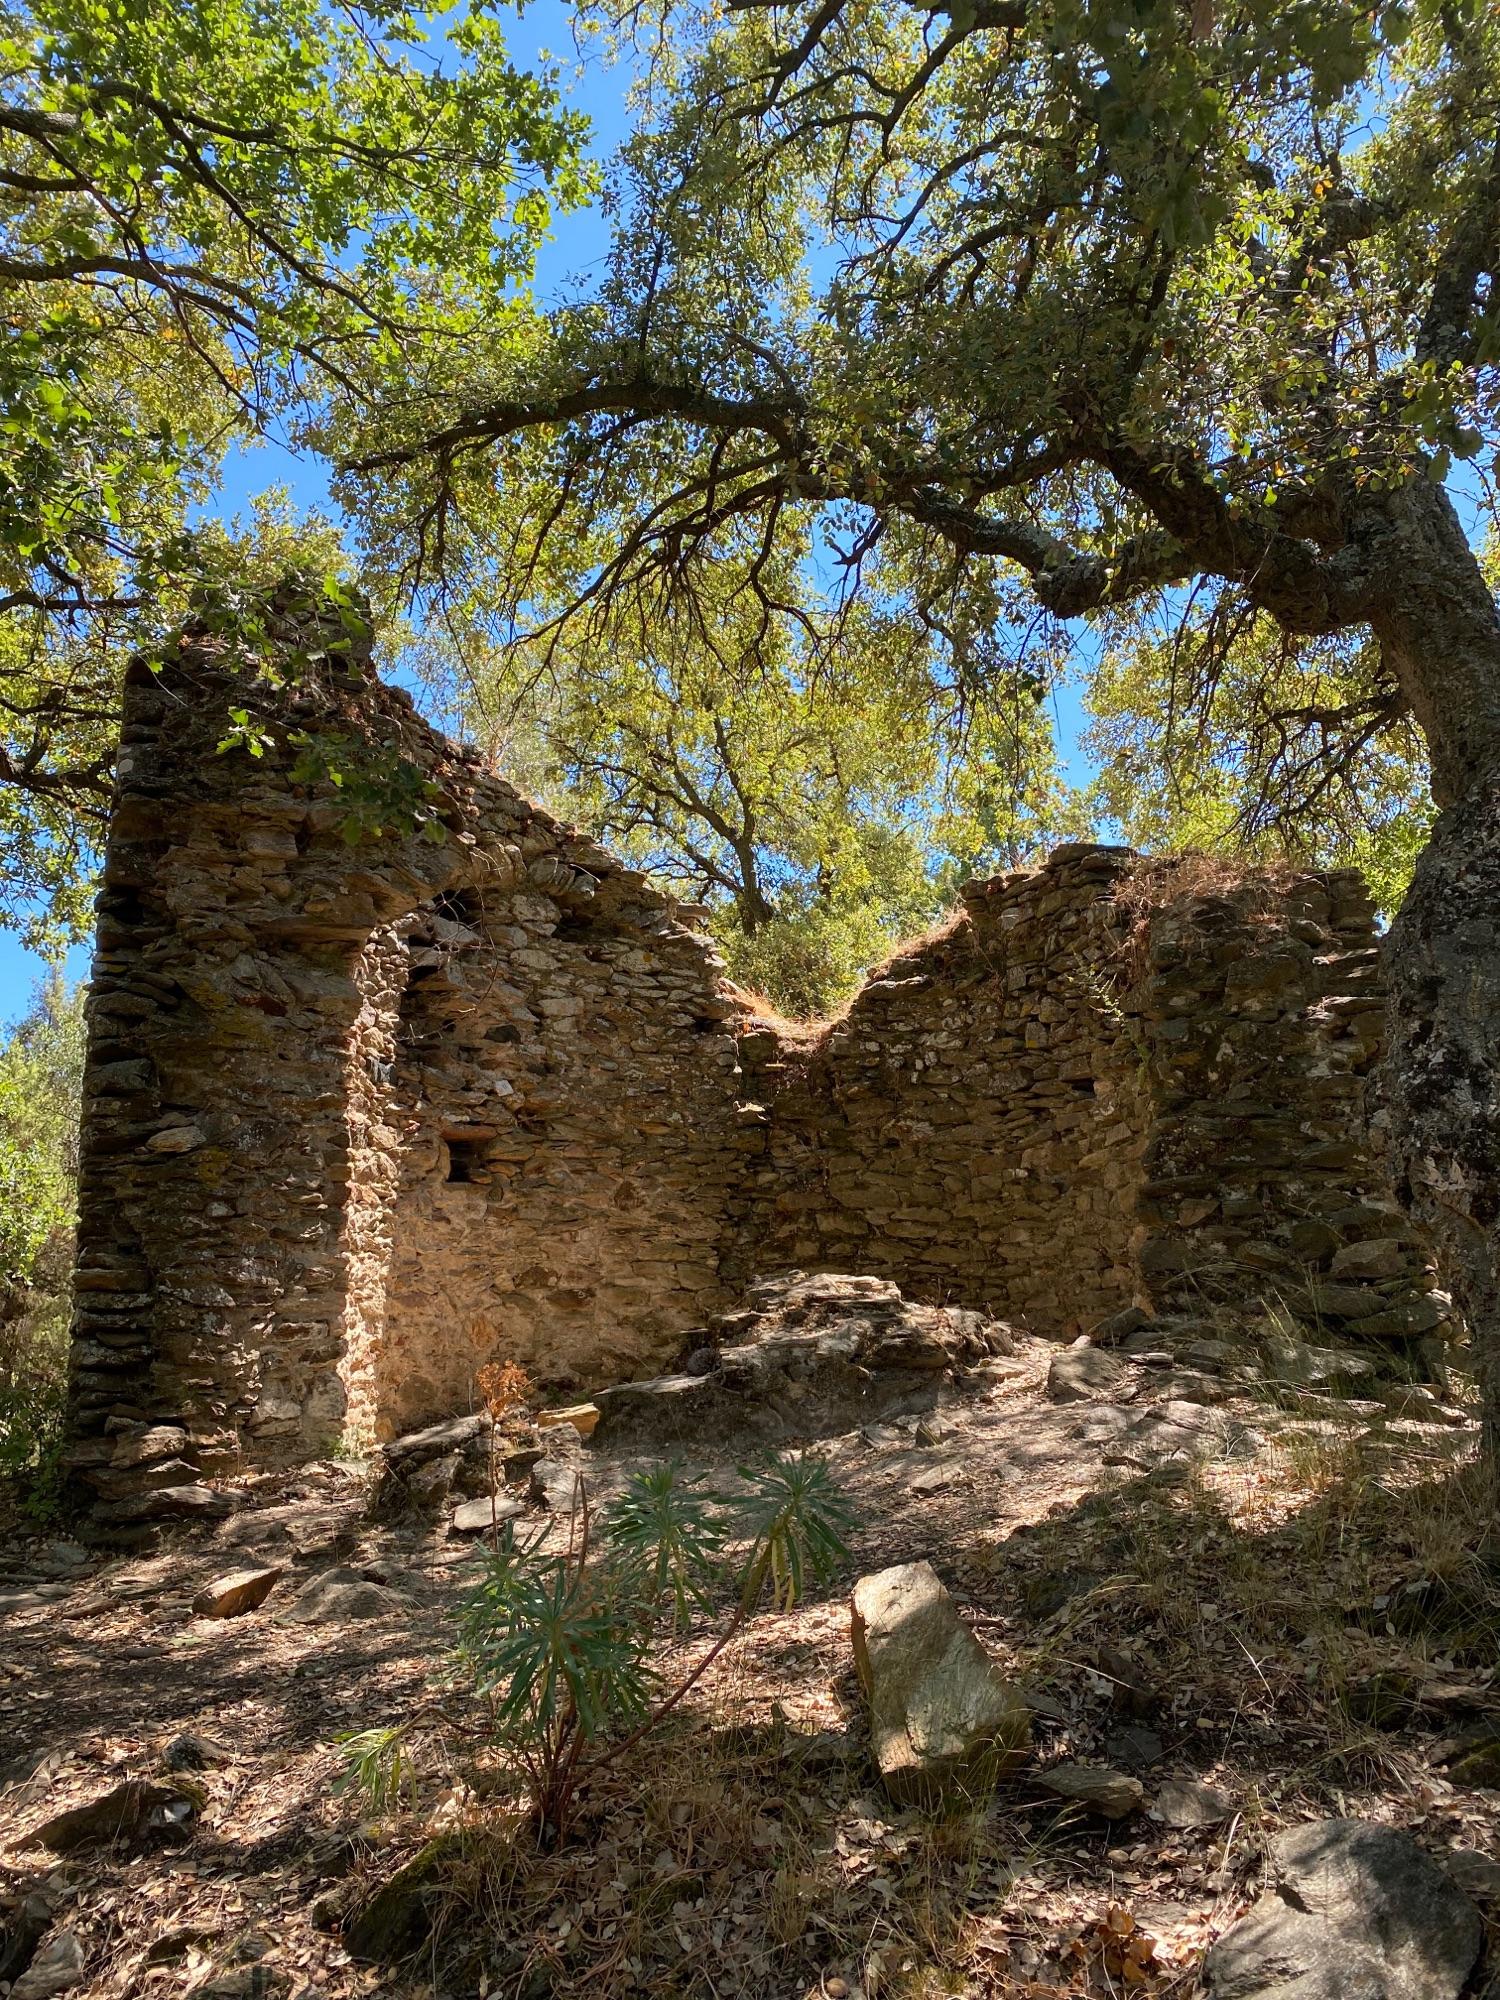 Ветряная мельница второй четверти 17 века. Не вчера, но всего 400 лет.